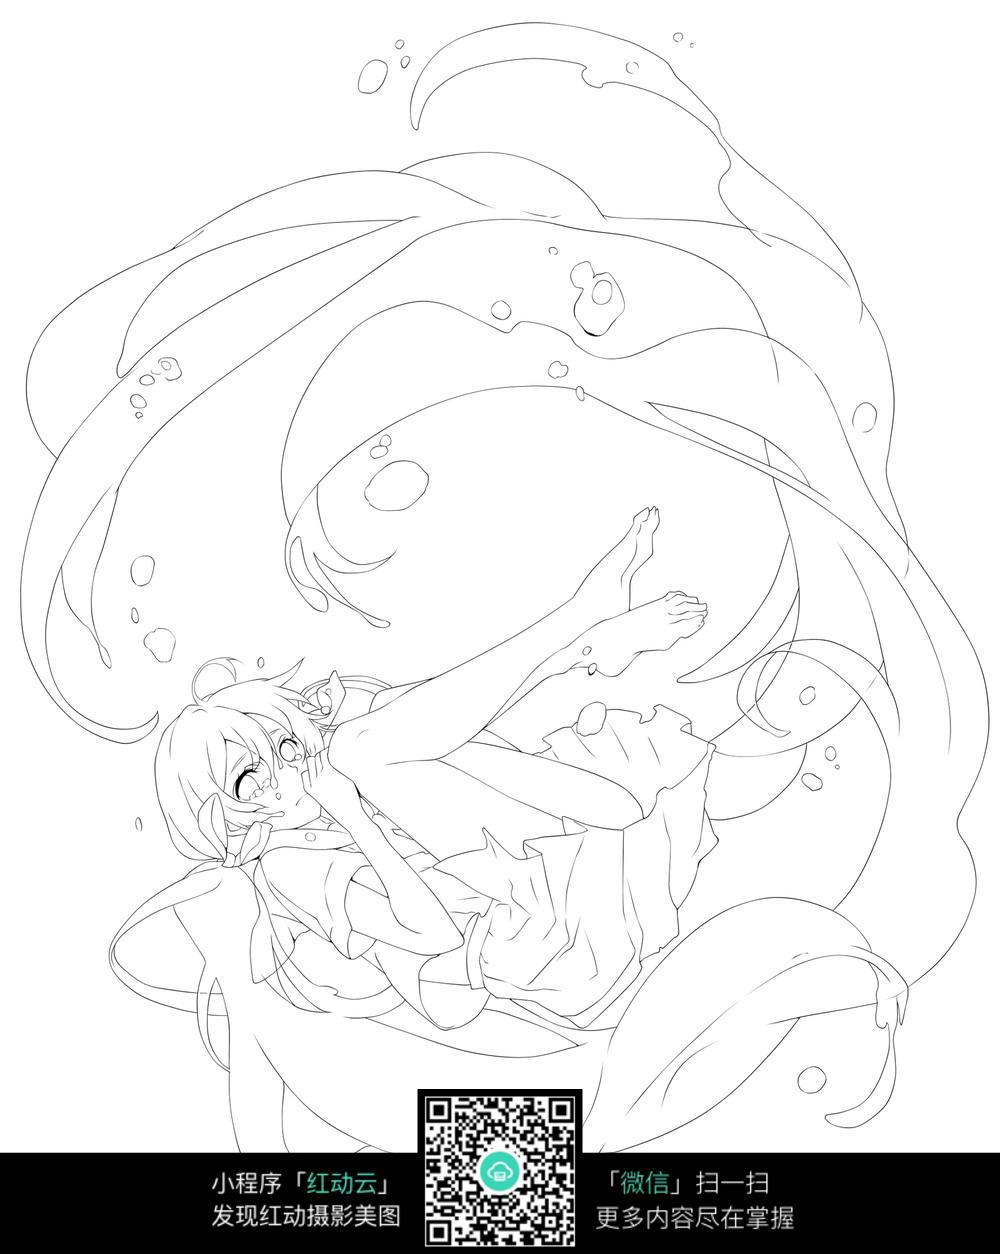 侧躺的女孩卡通手绘线稿_人物卡通图片_红动手机版